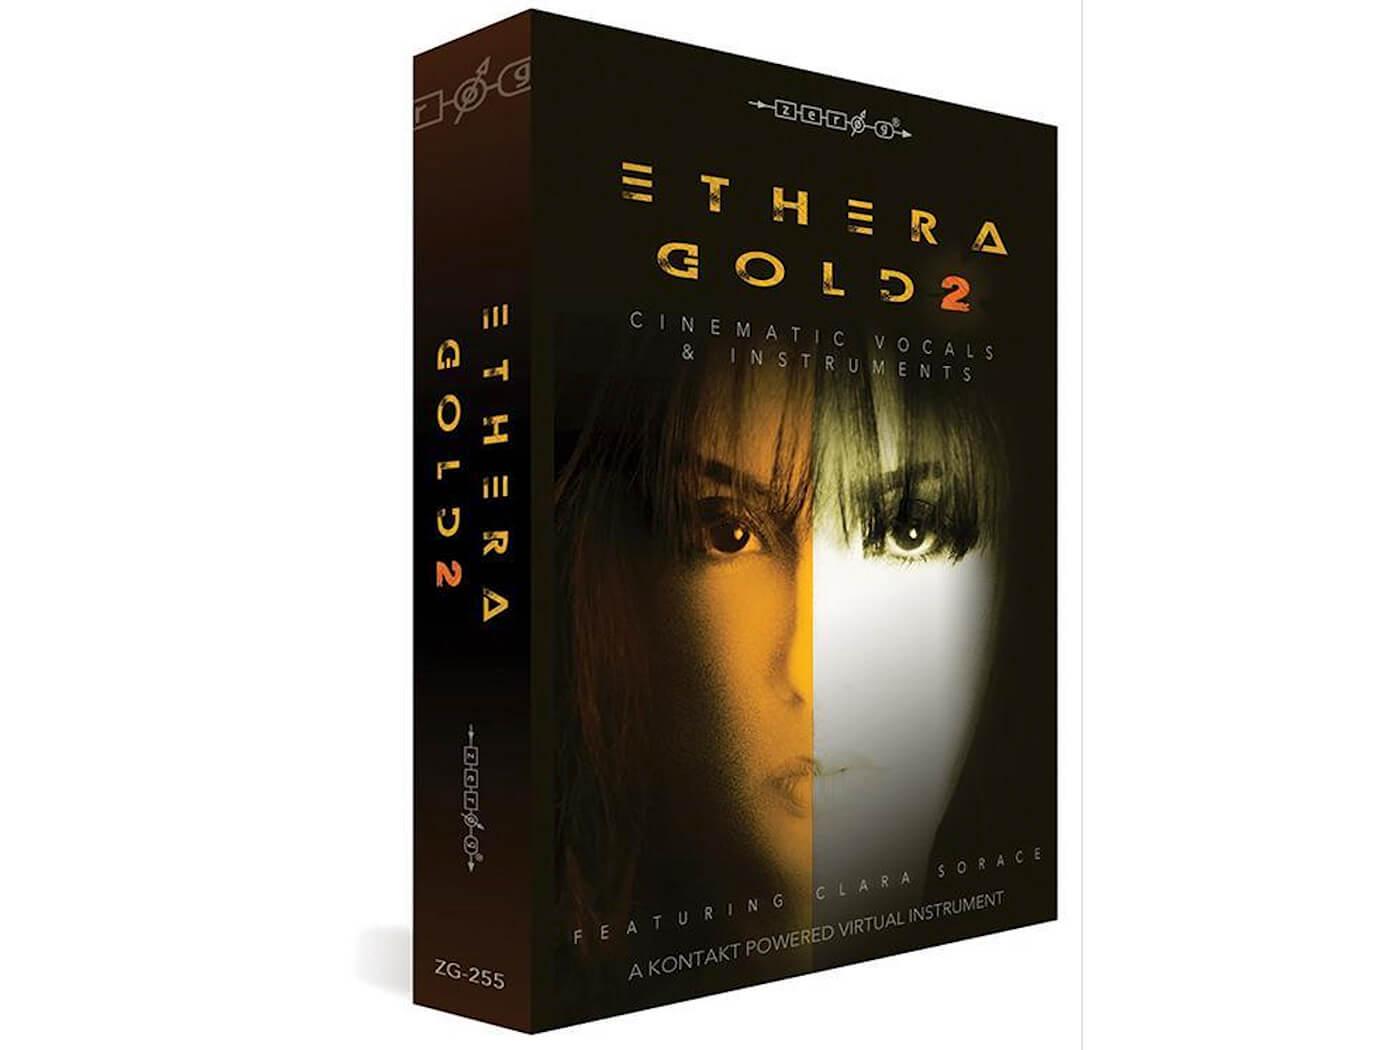 Zero-G Ethera Gold 2 Review